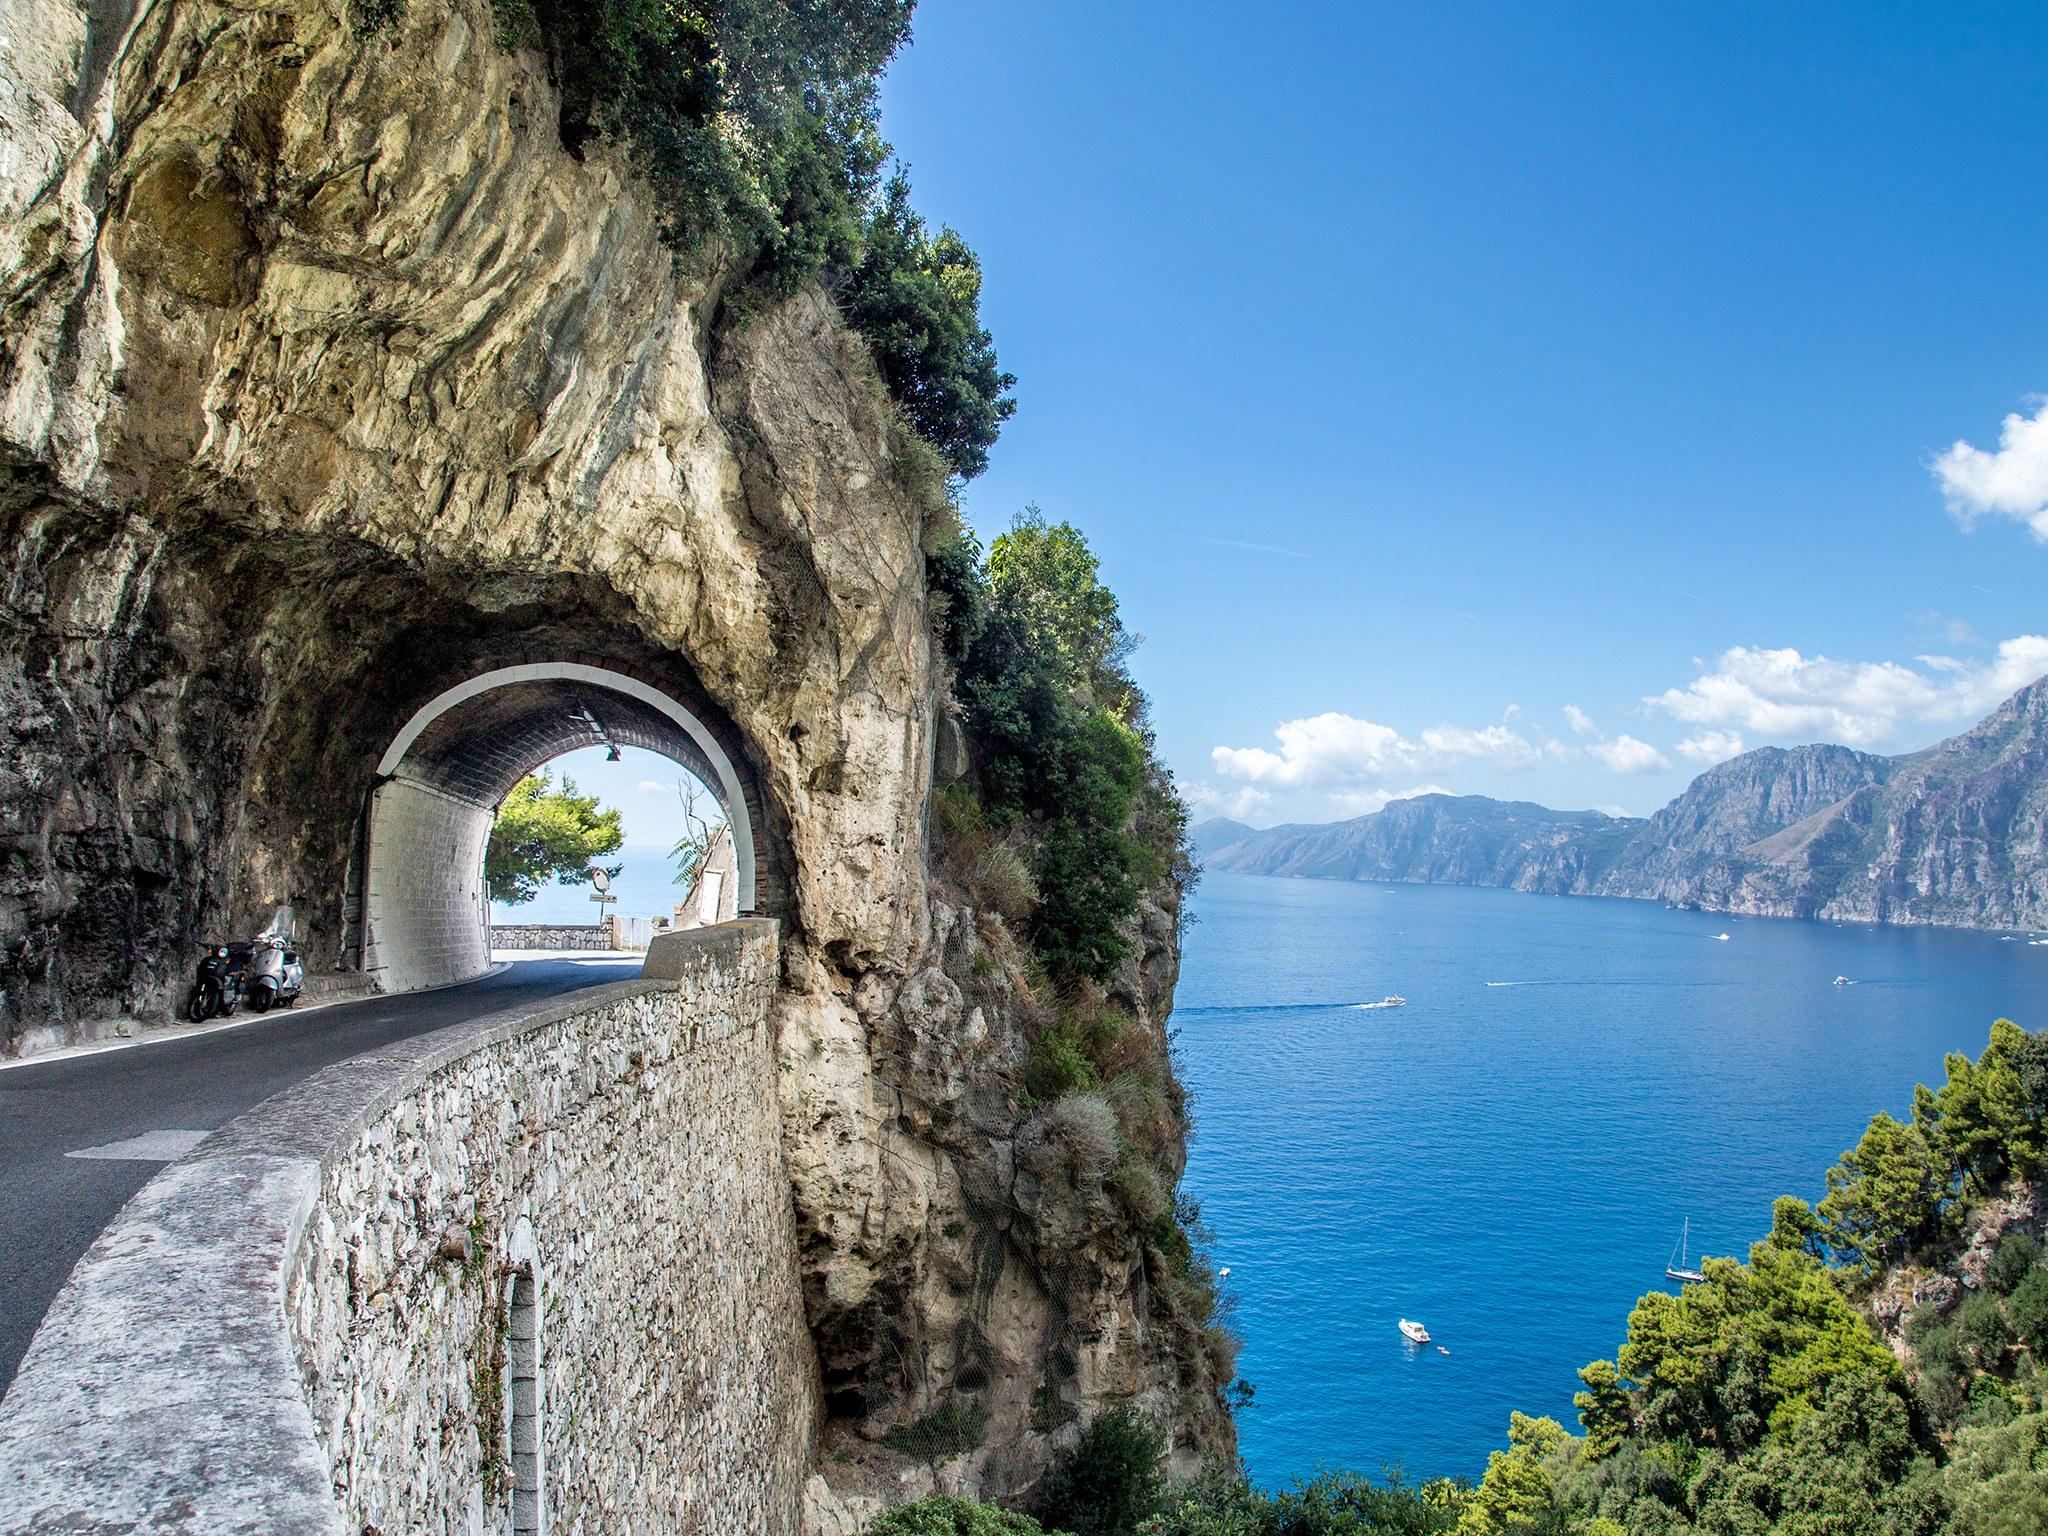 amalfi-coast-highway-GettyImages-524151707